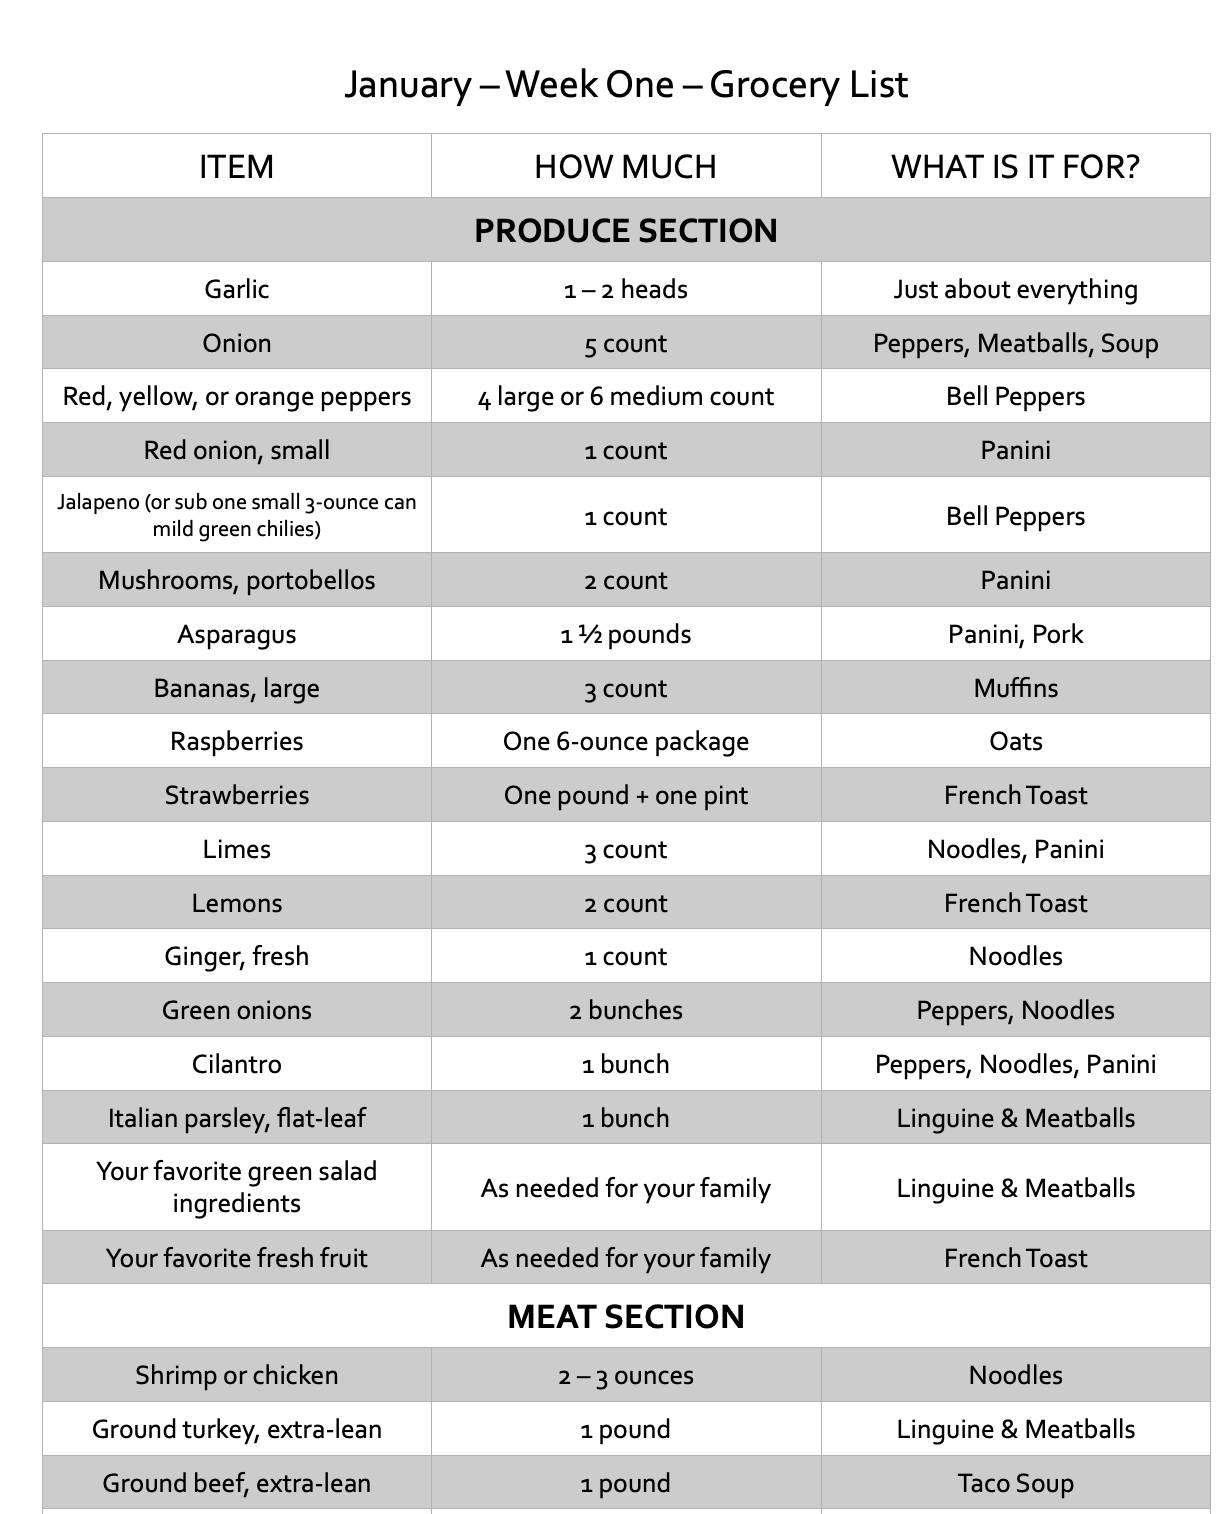 editable ingredients list